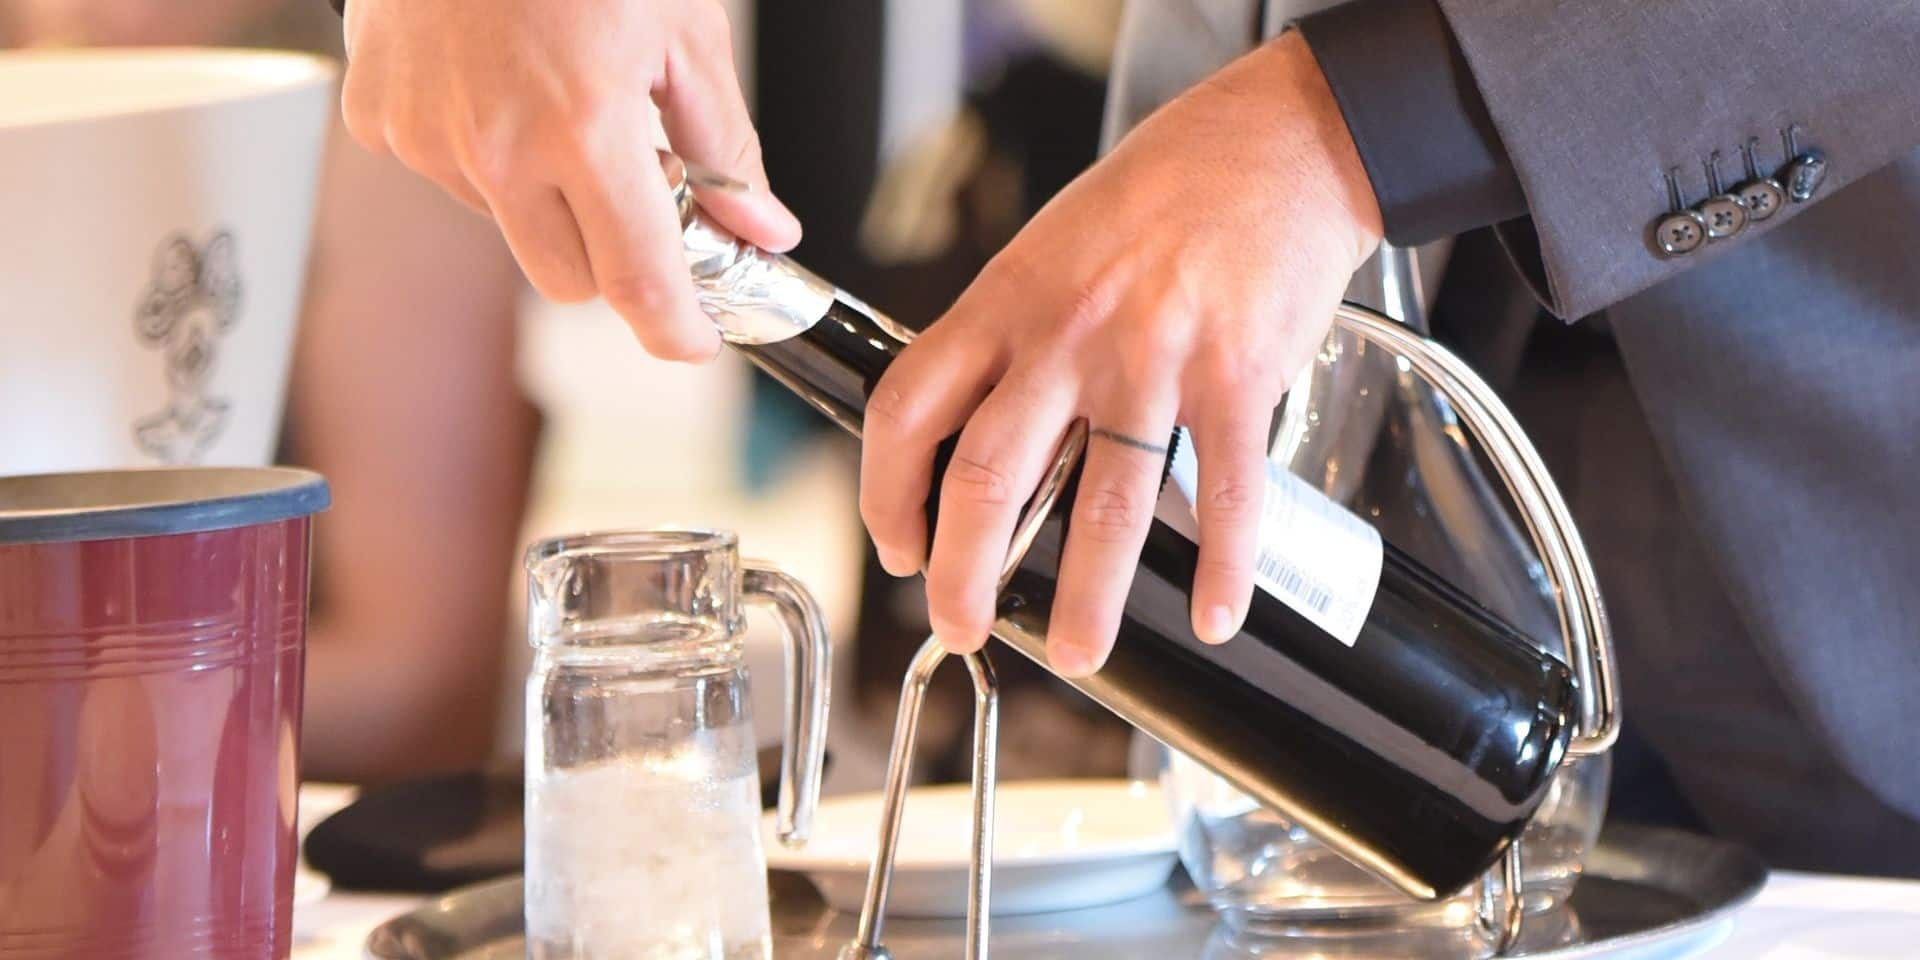 Les secrets inavouables du service du vin